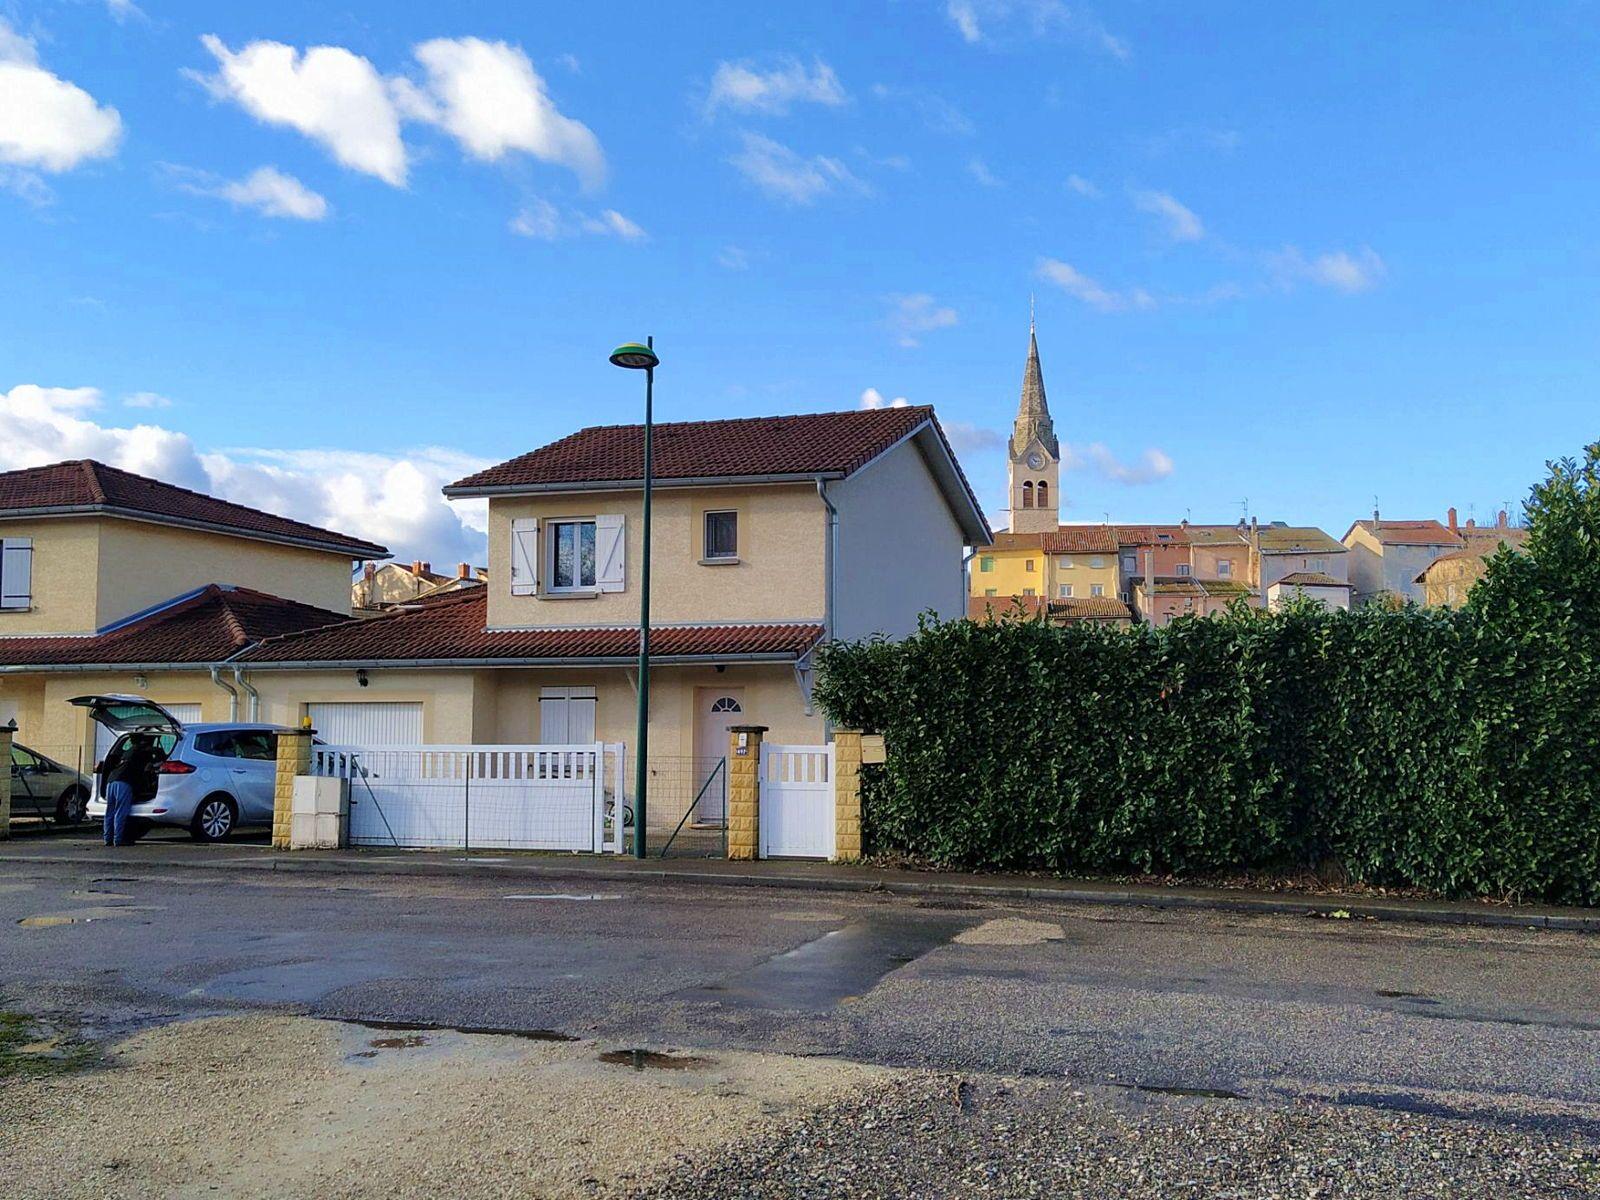 Vends maison 101m² 4ch avec jardin, à 18' de train de Lyon - La Verpillière (38)